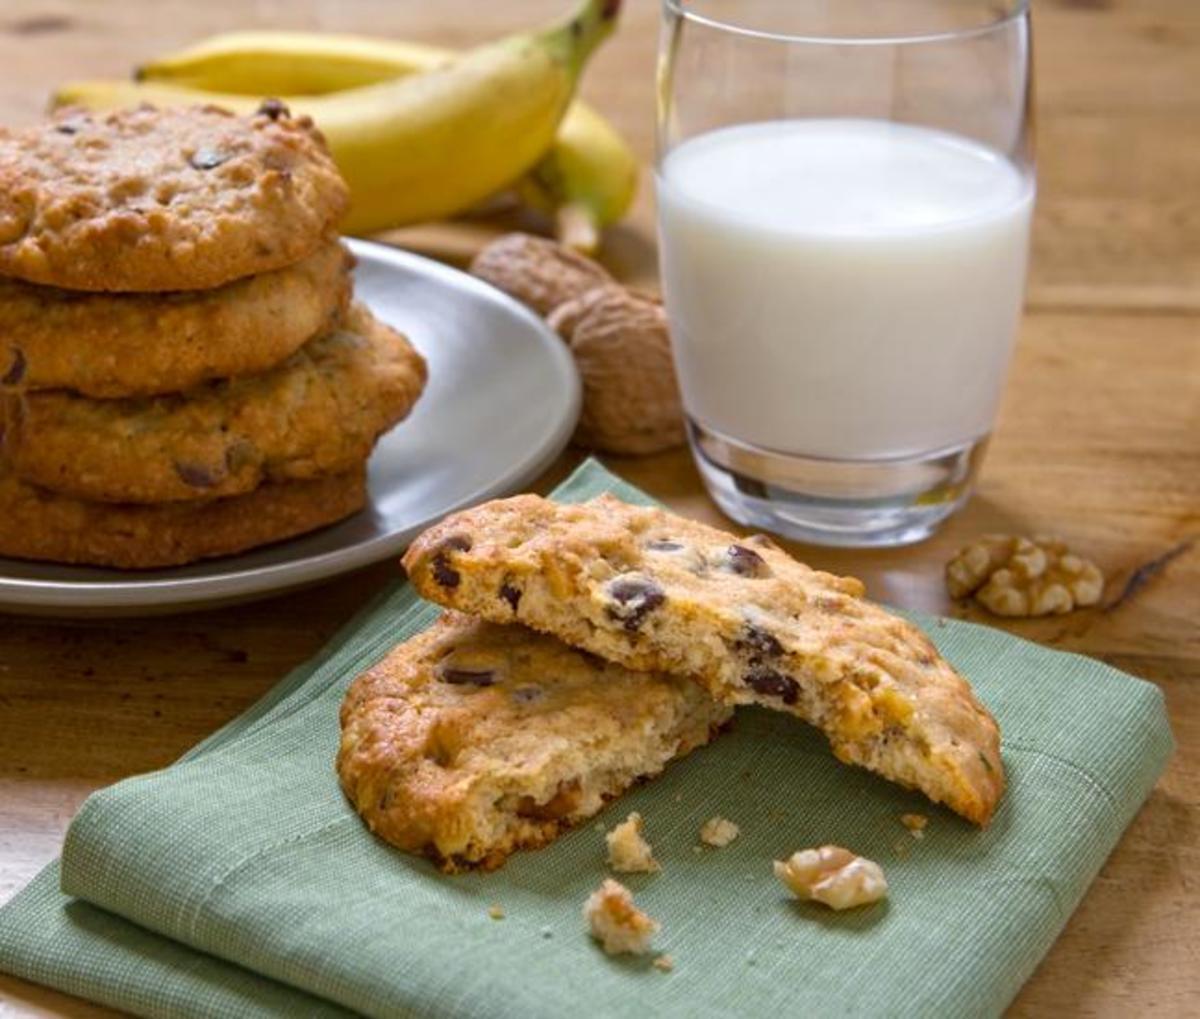 Walnut Banana Cookies